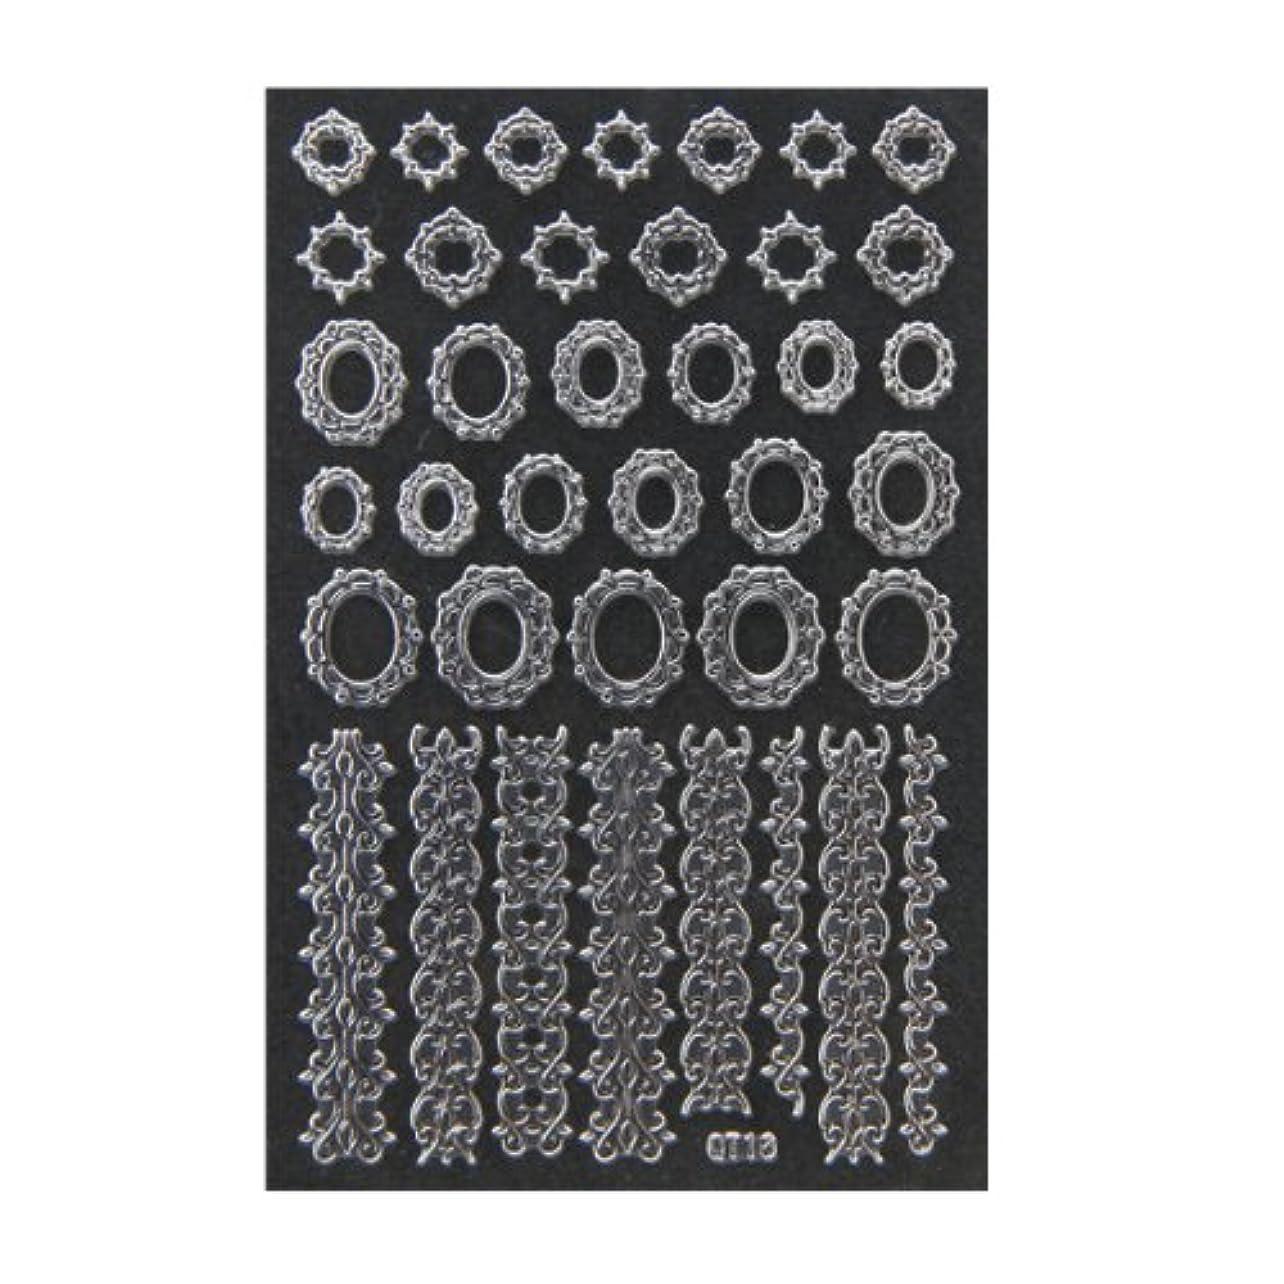 オートマトンロゴ数値ネイルシール 3D ネイルシート ファッションネイル メタリックシール42 (ネイル用品)